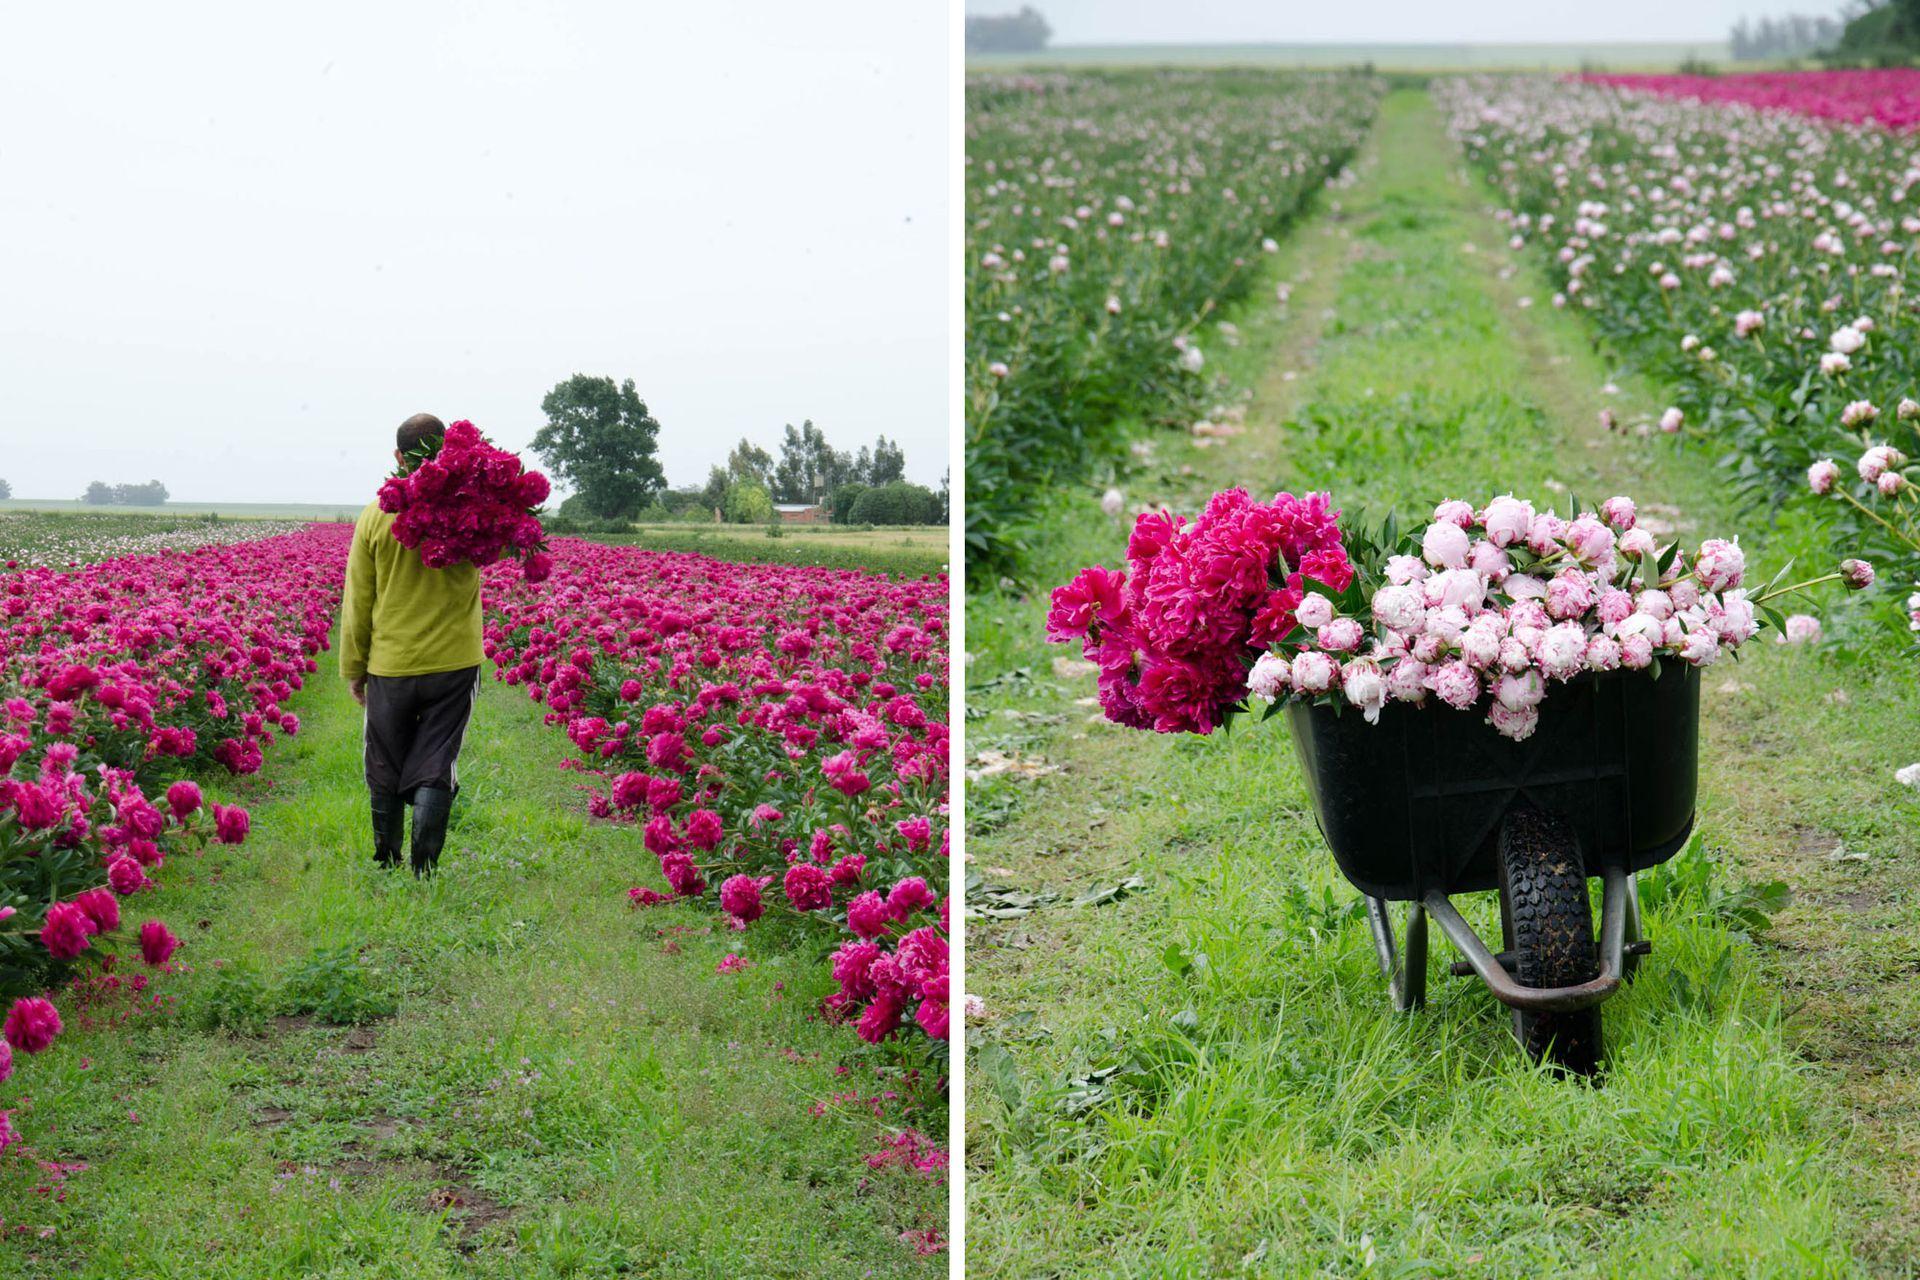 La peonía es una herbácea perenne de origen asiático. La cosecha se realiza a mano, flor por flor, y en la Argentina se da entre octubre y fines de noviembre.